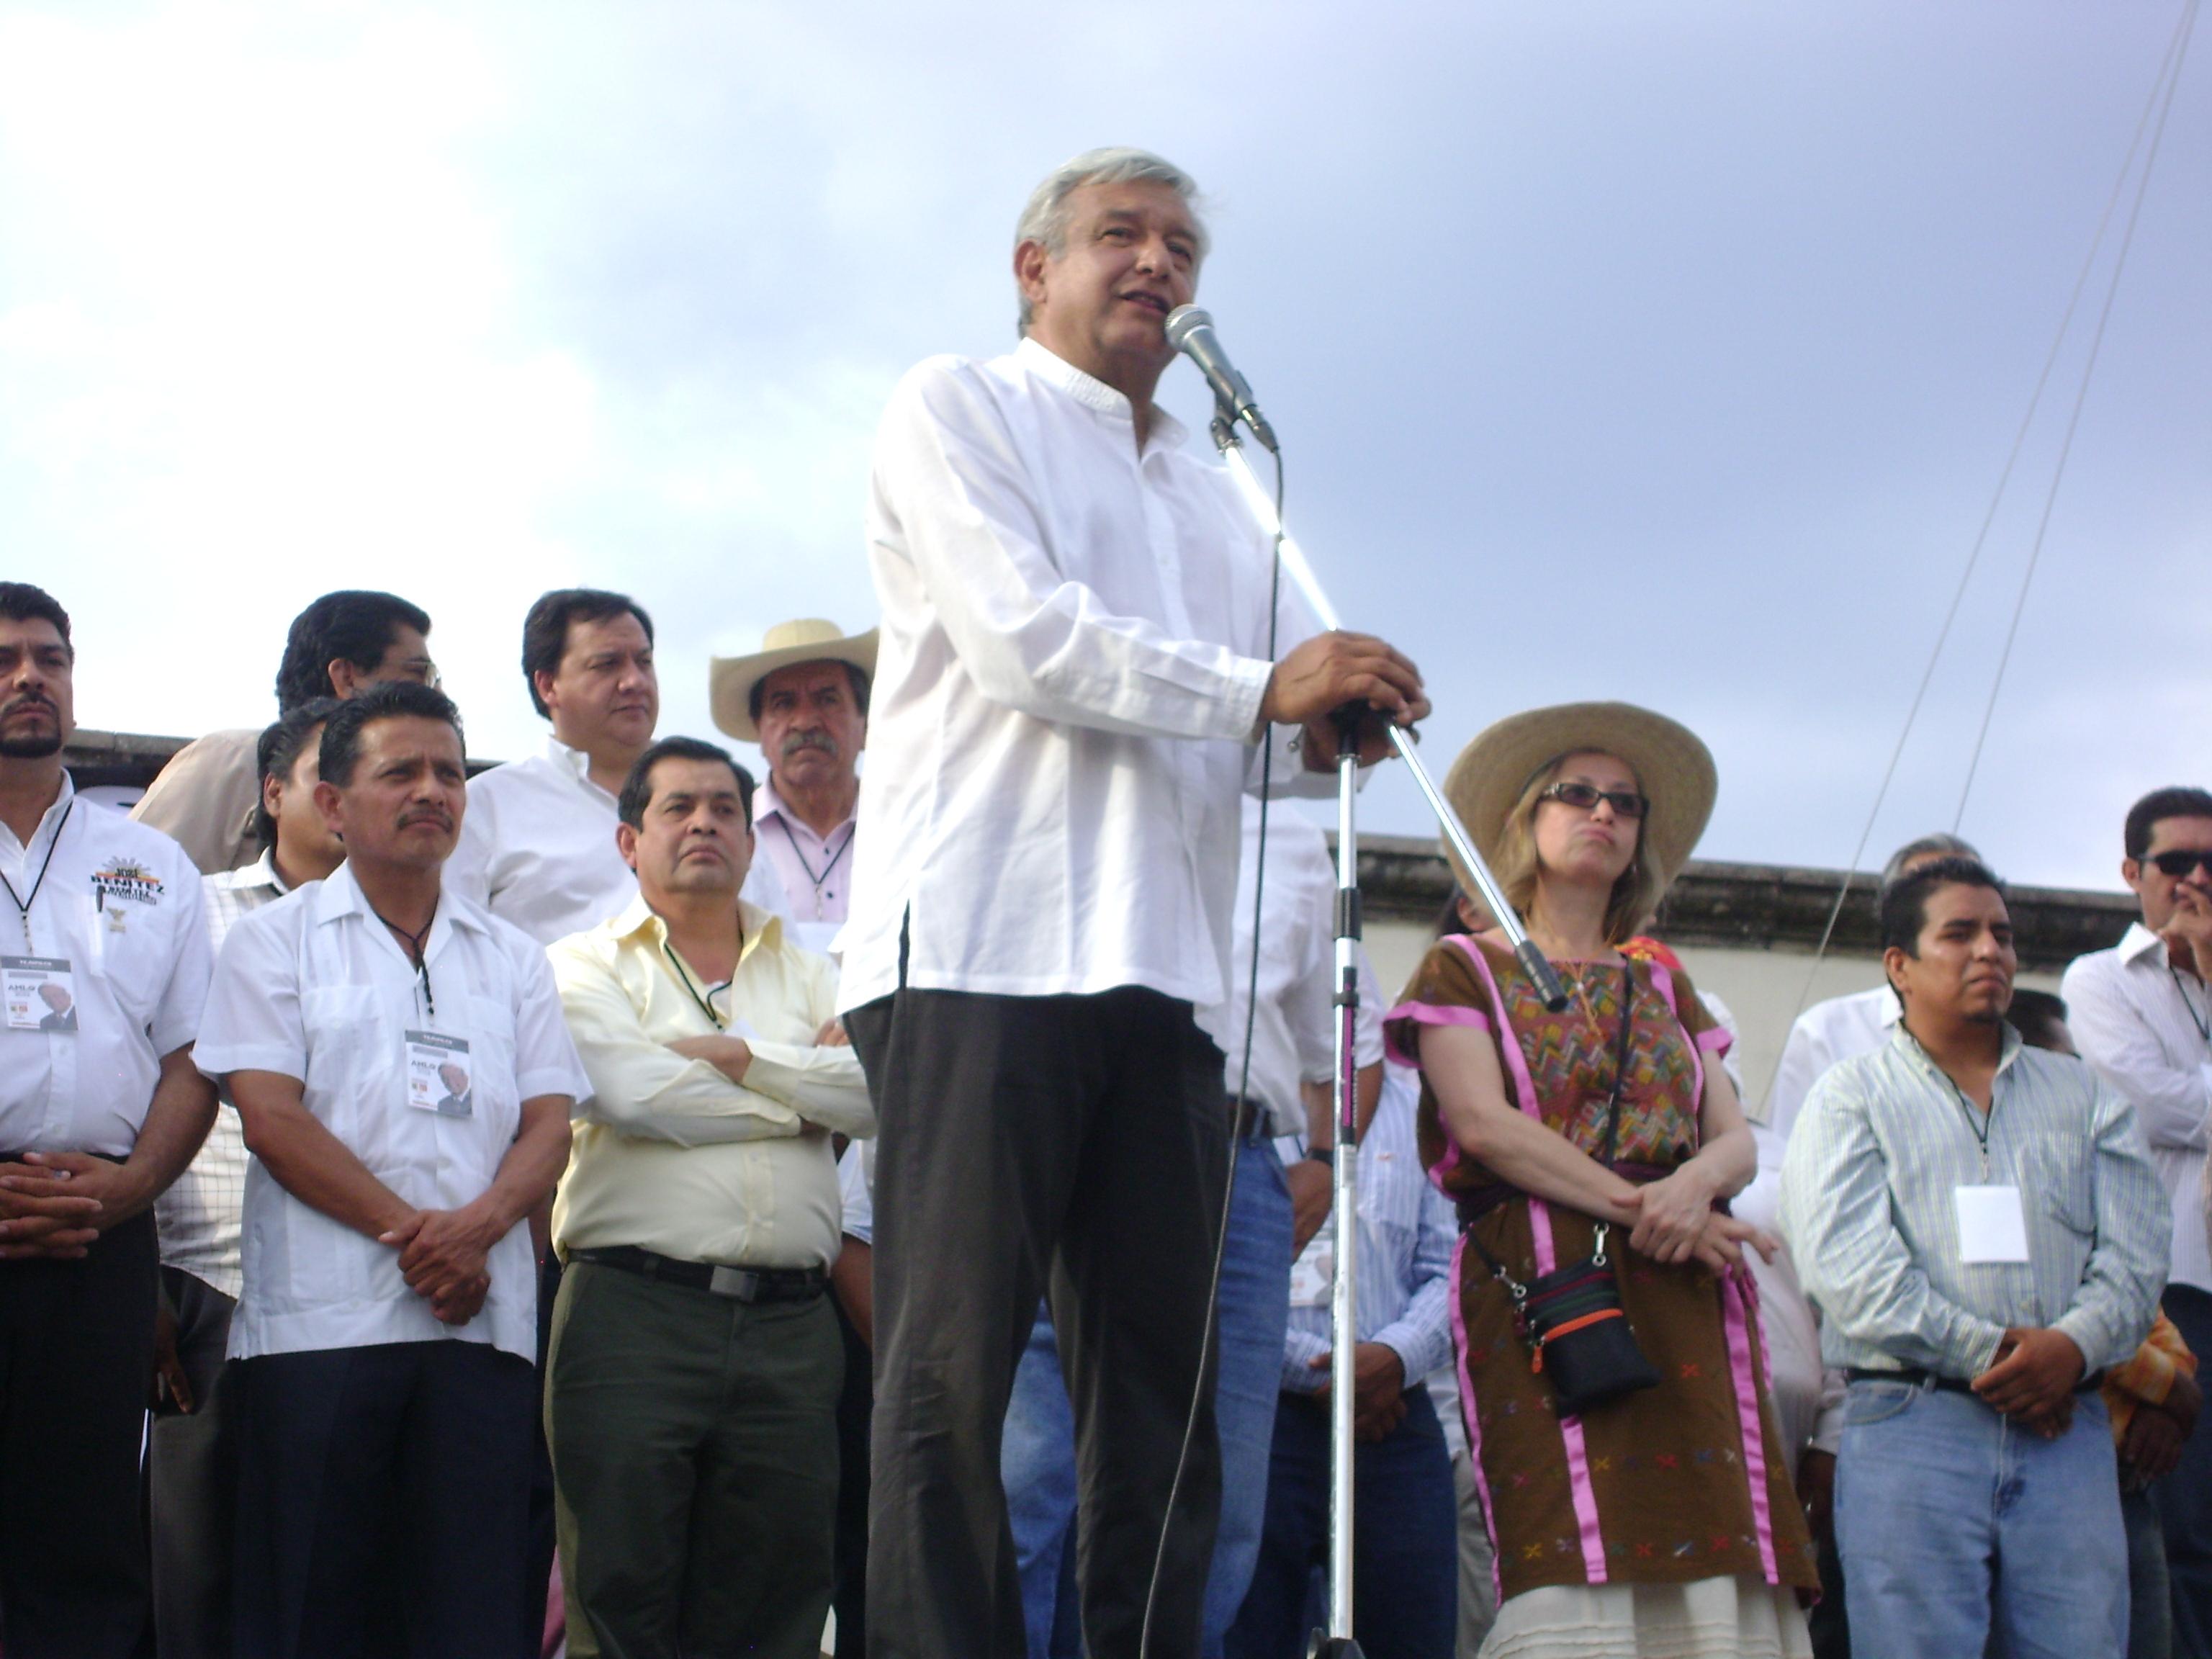 López Obrador, le «Bernie Sanders mexicain» en pleine ascension (Emmanuelle Steels/ Libération)